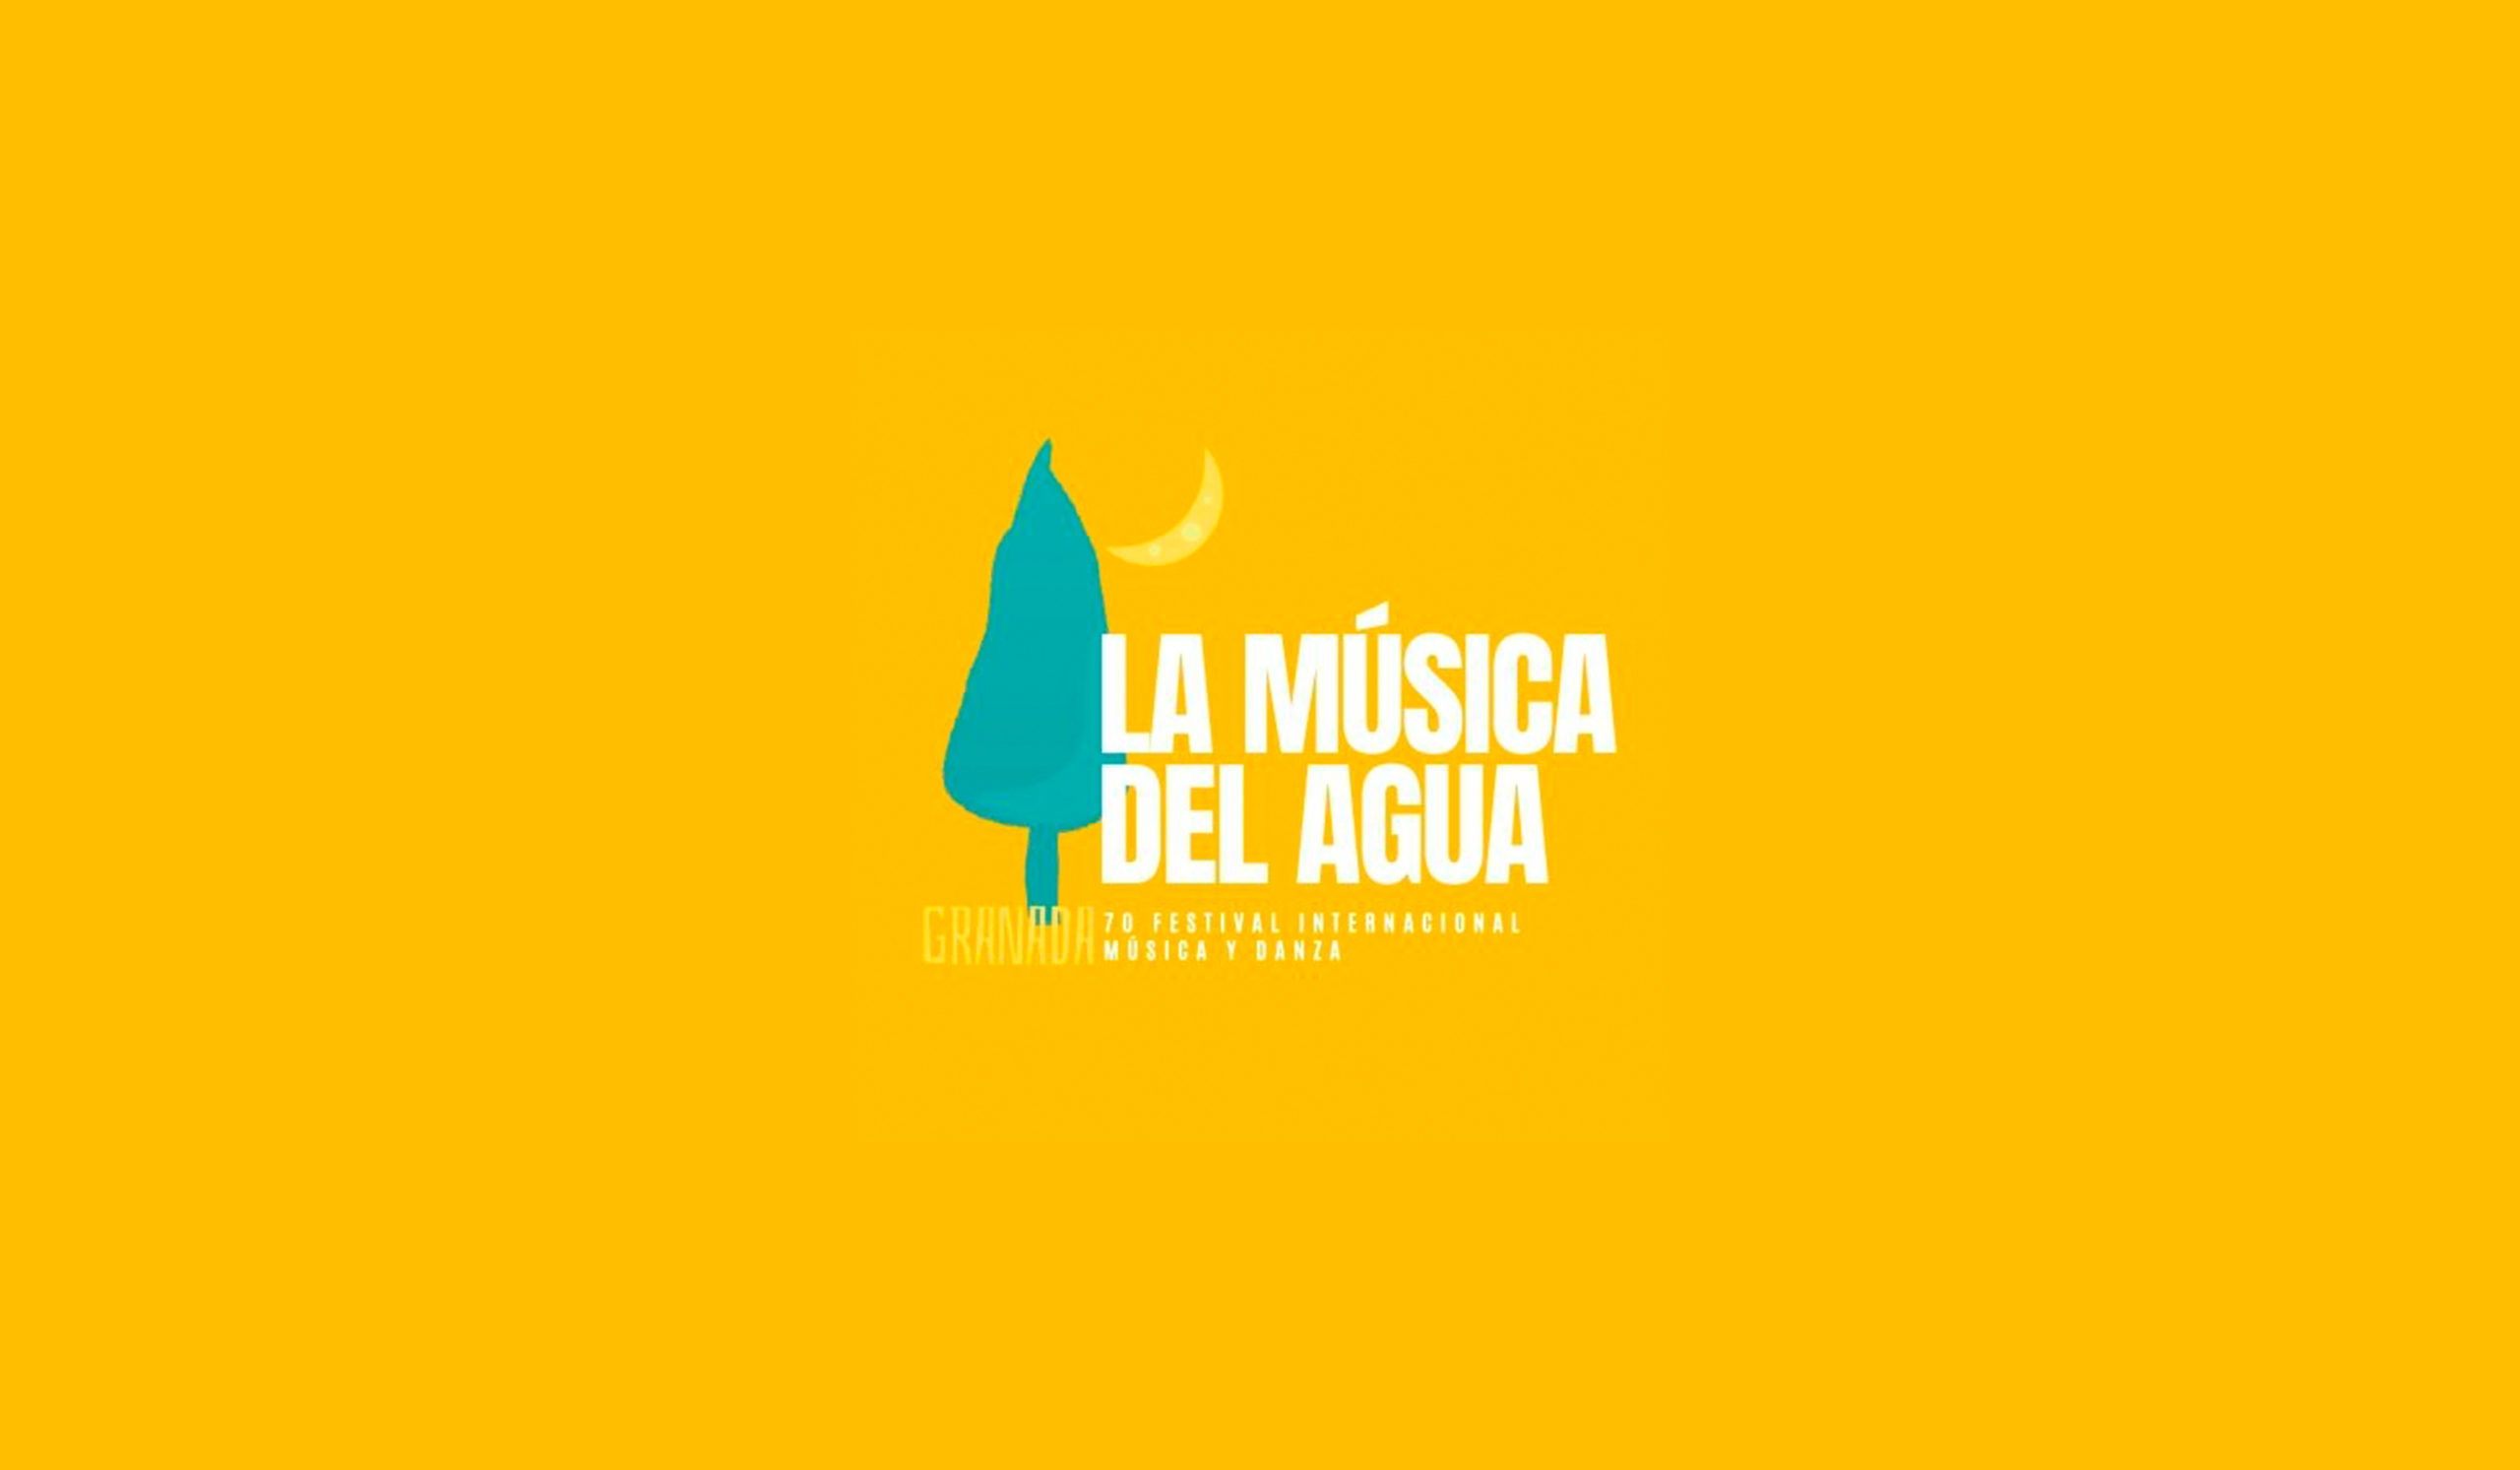 La música del agua, quinta entrega.